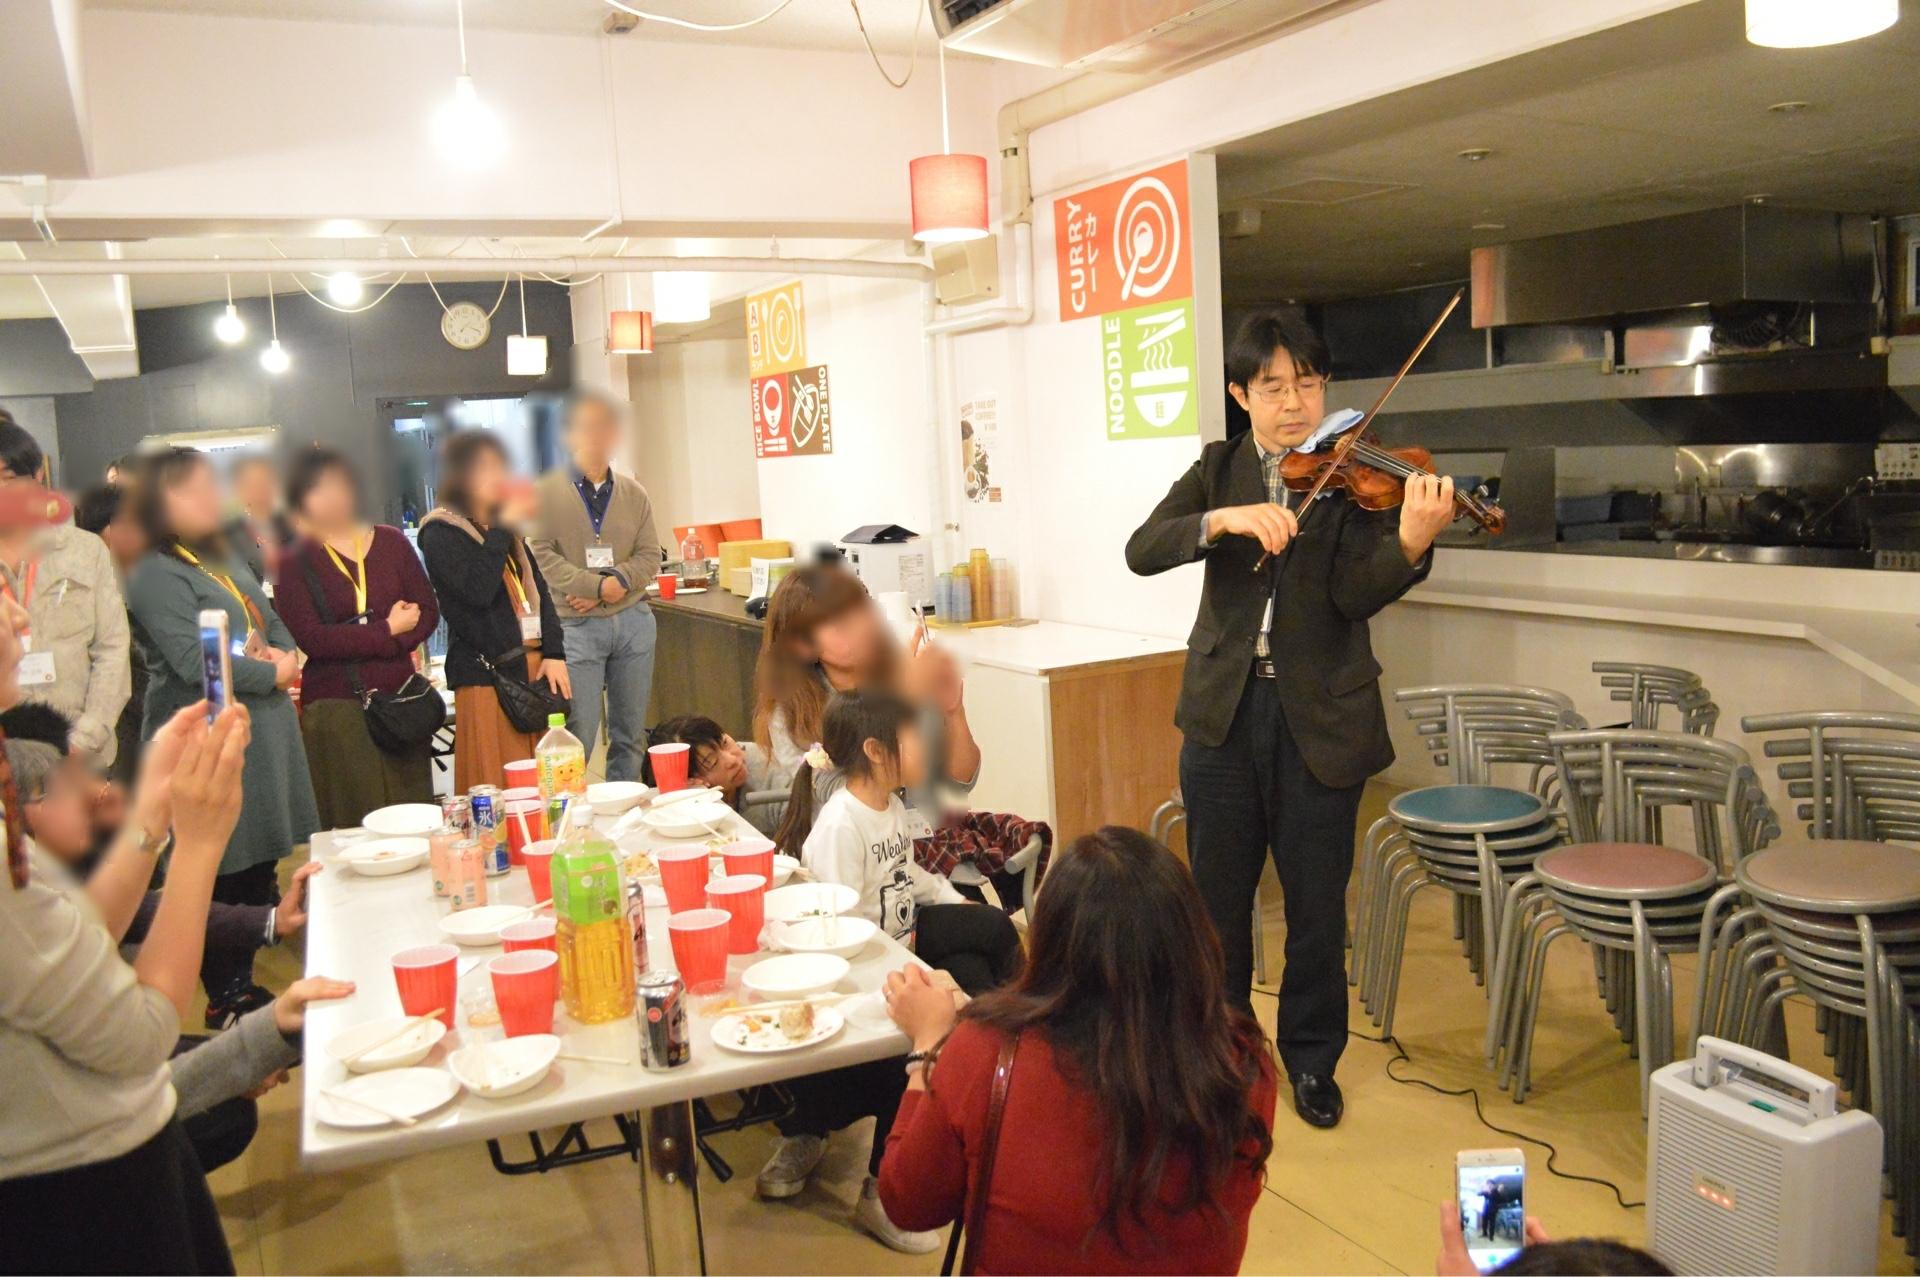 三浦先生によるバイオリン演奏も